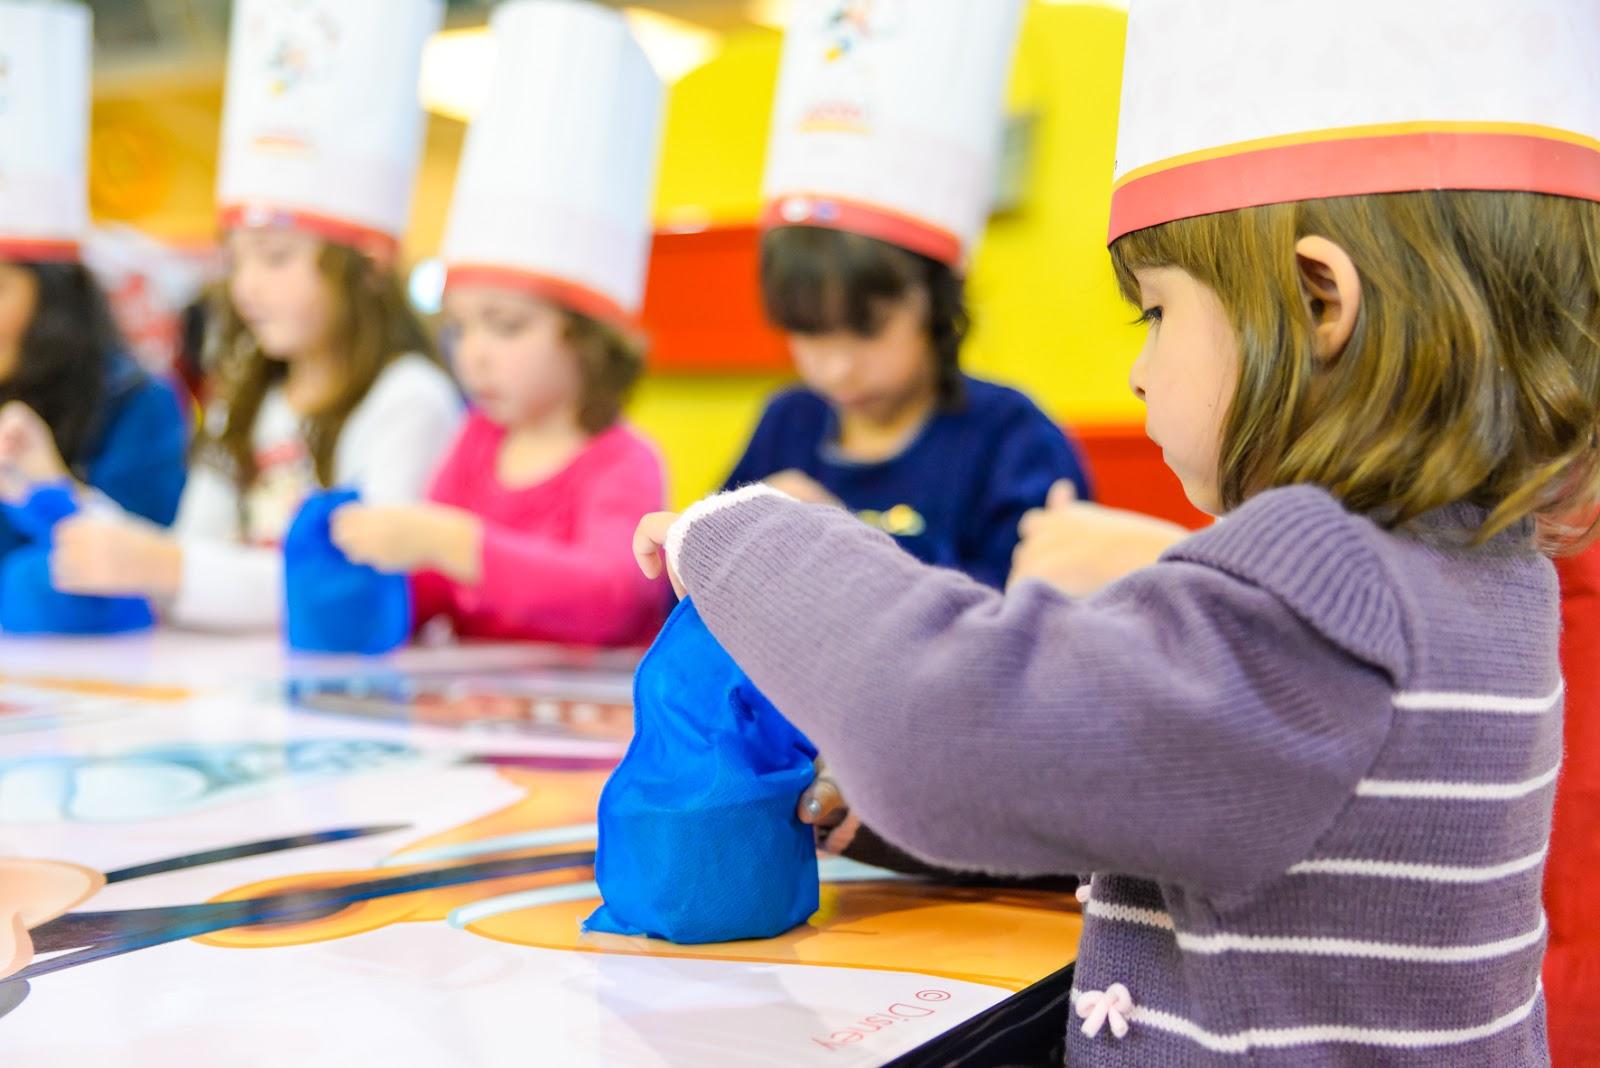 """774a8ffe6d858 As atividades são recomendadas para pais com crianças entre 4 e 12 anos e  serão realizadas em uma cozinha ambientada com detalhes da """"Toontown Disney """"."""